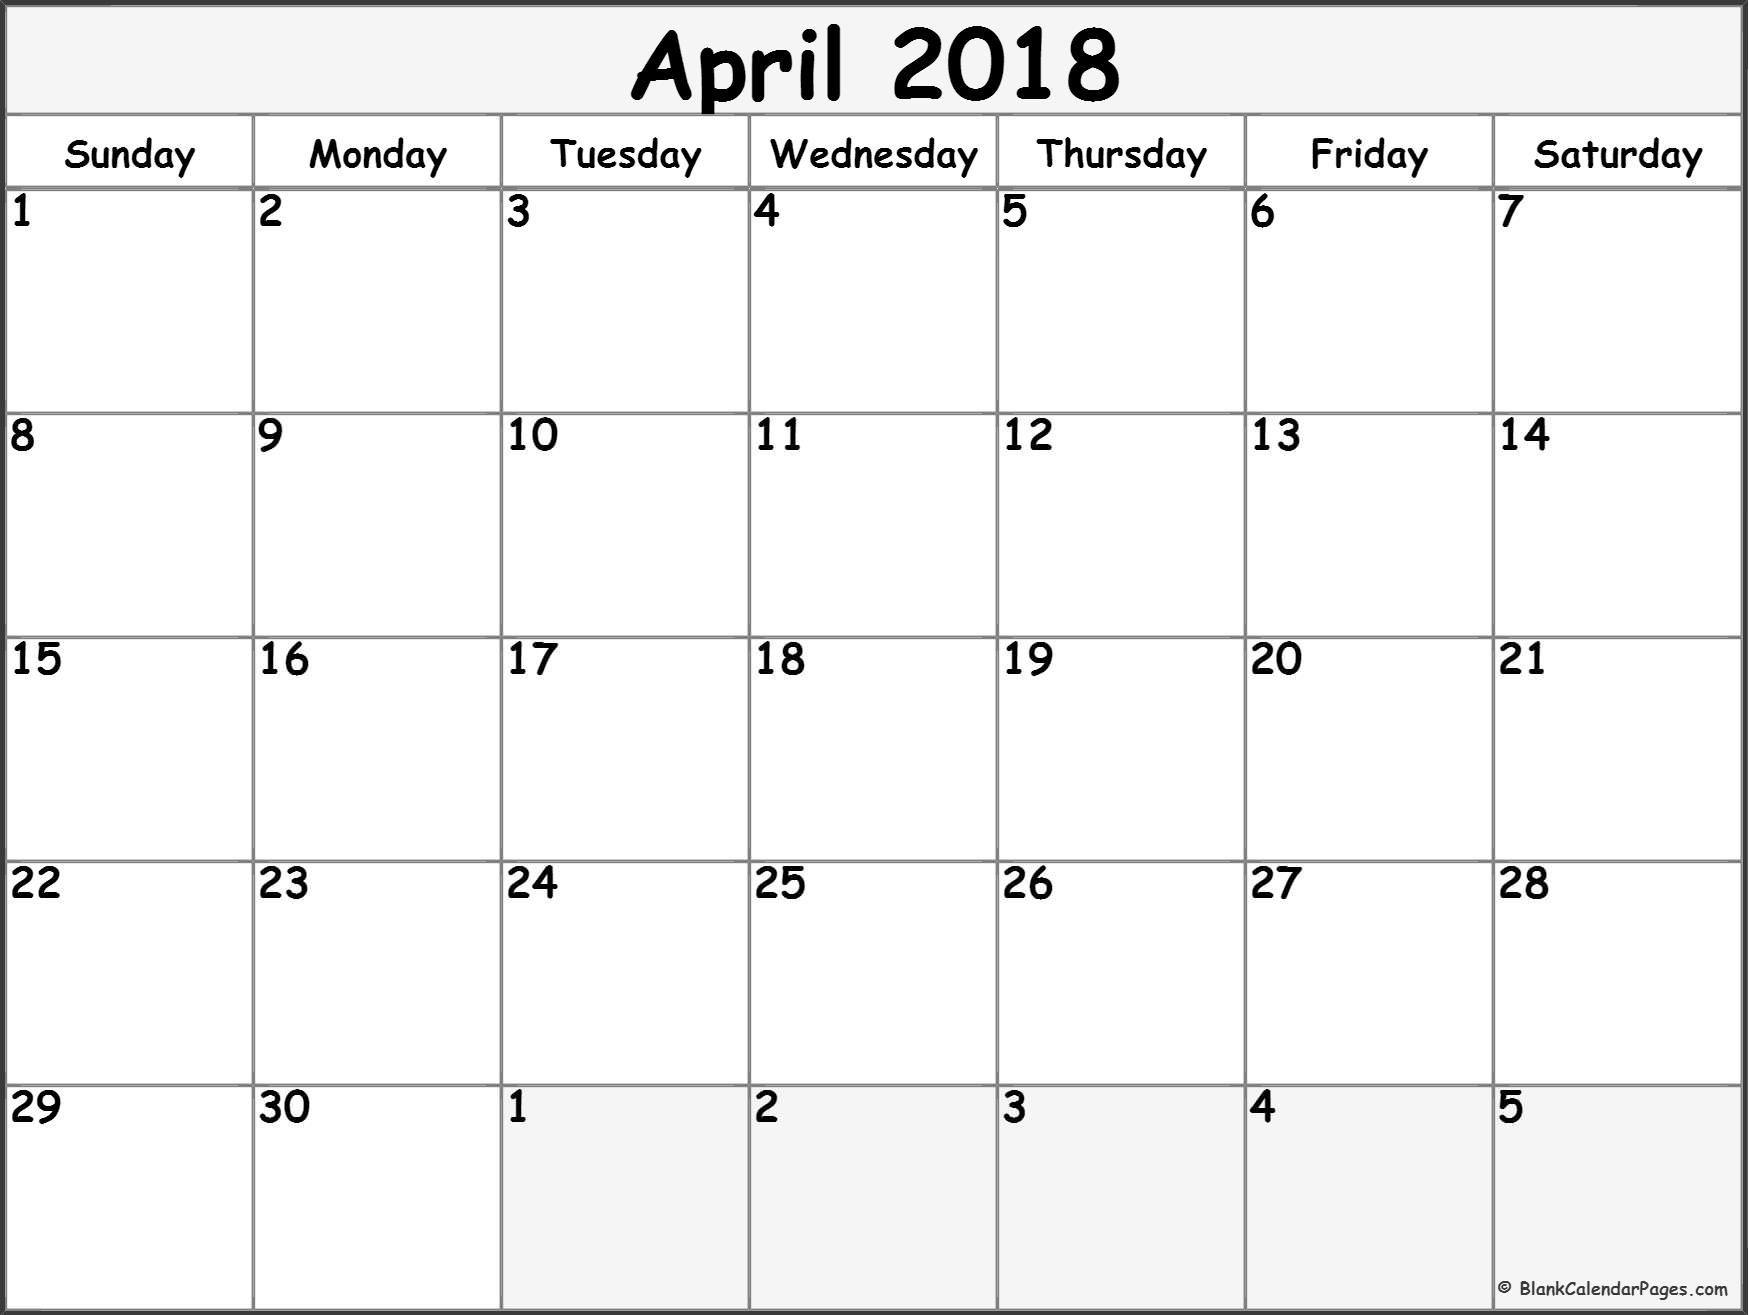 april #2018 #calendar #printable #calendario | Printable calendars ...